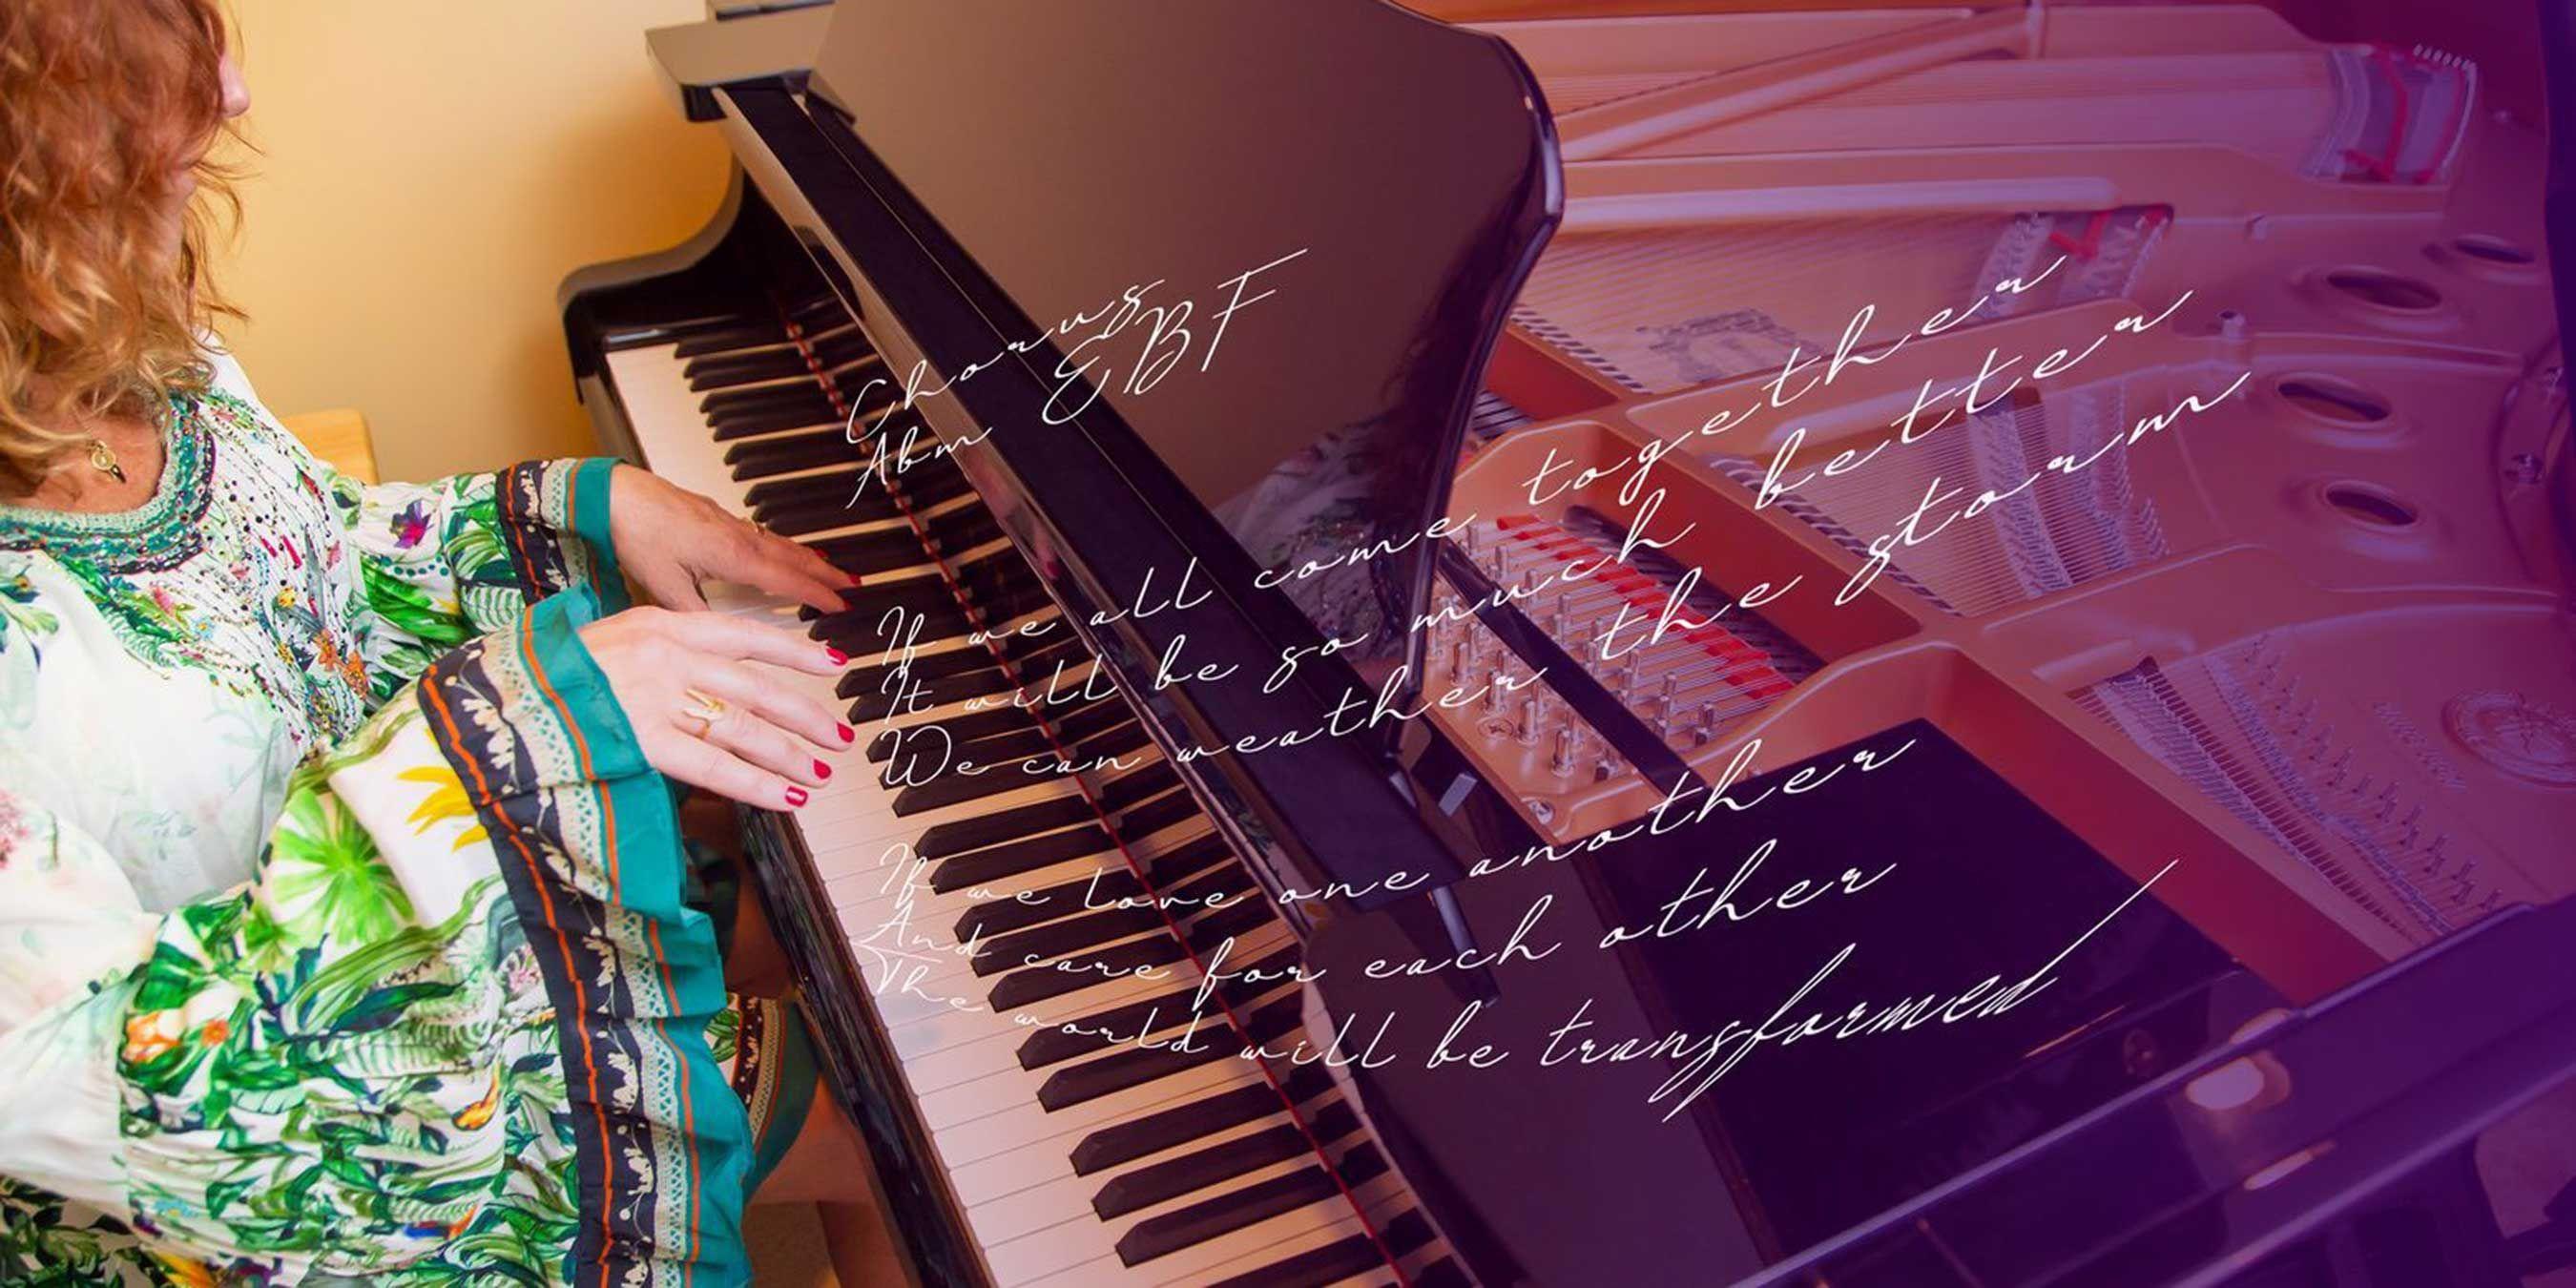 songwriterHero.jpg